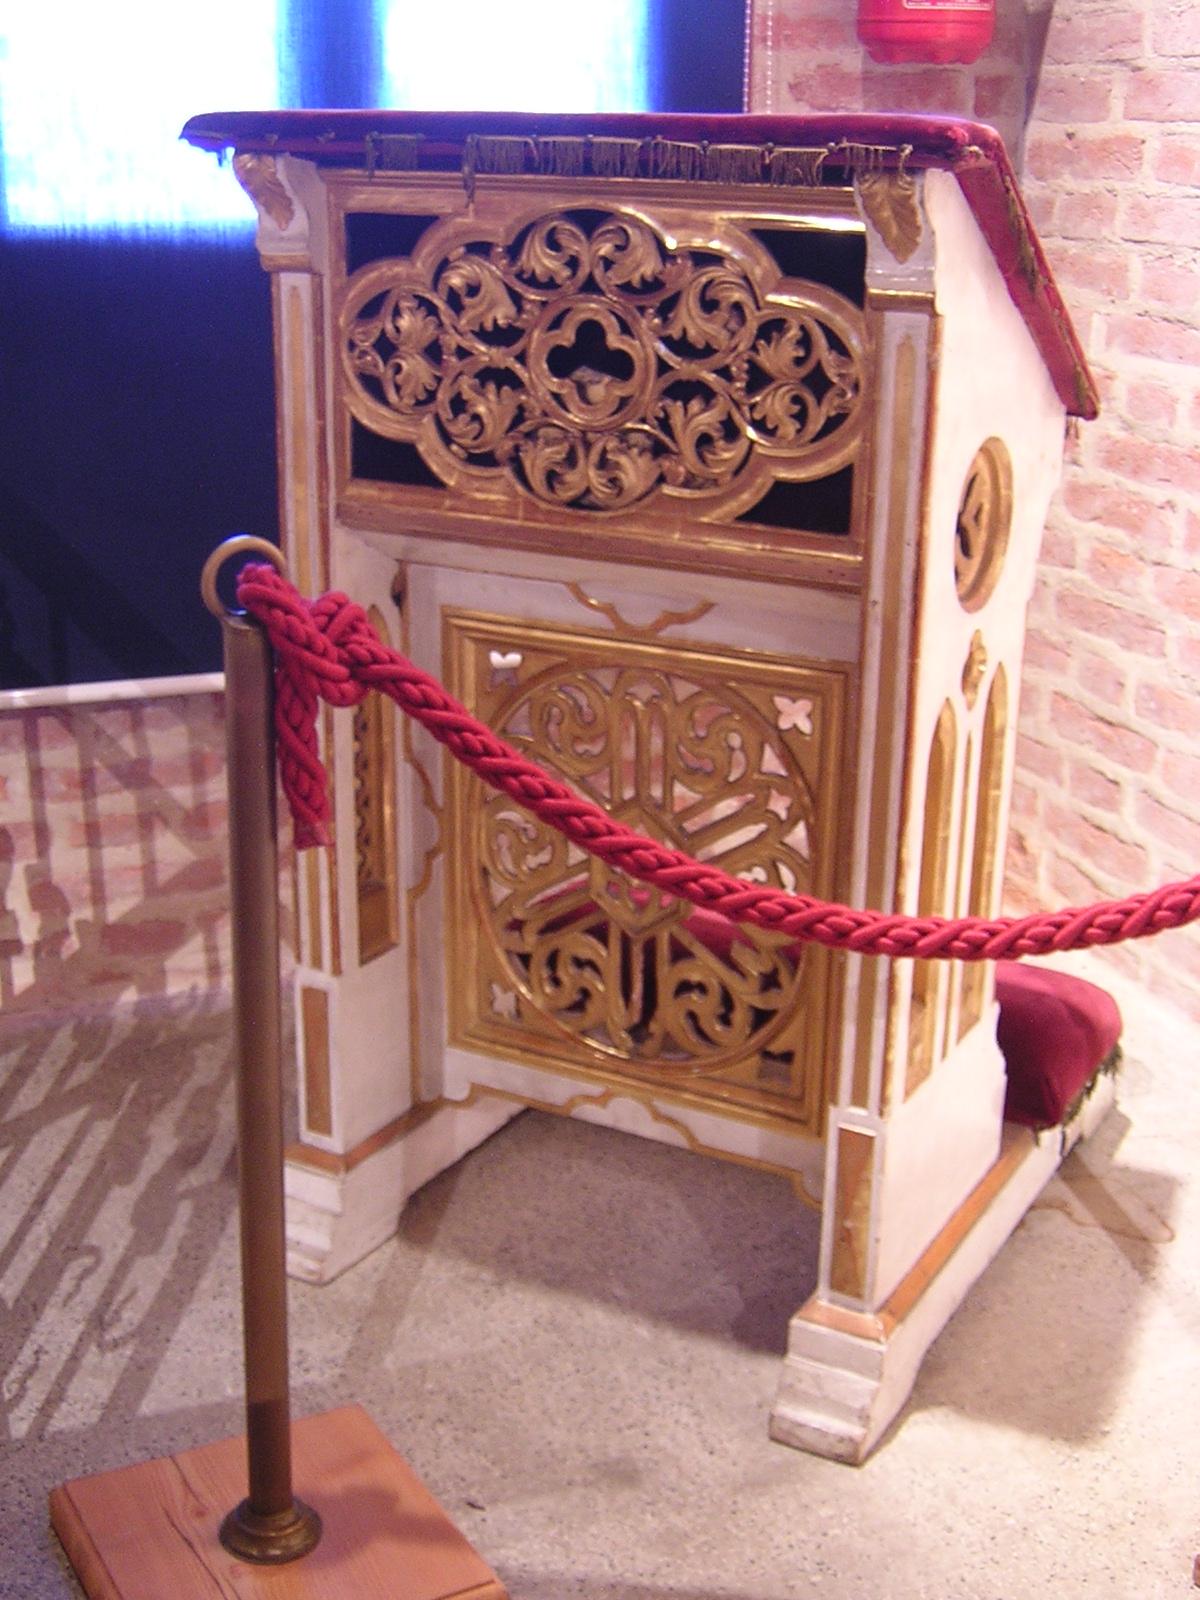 L'inginocchiatoio utilizzato dal cardinale Sarto. Qui è possibile leggere la sua scheda.